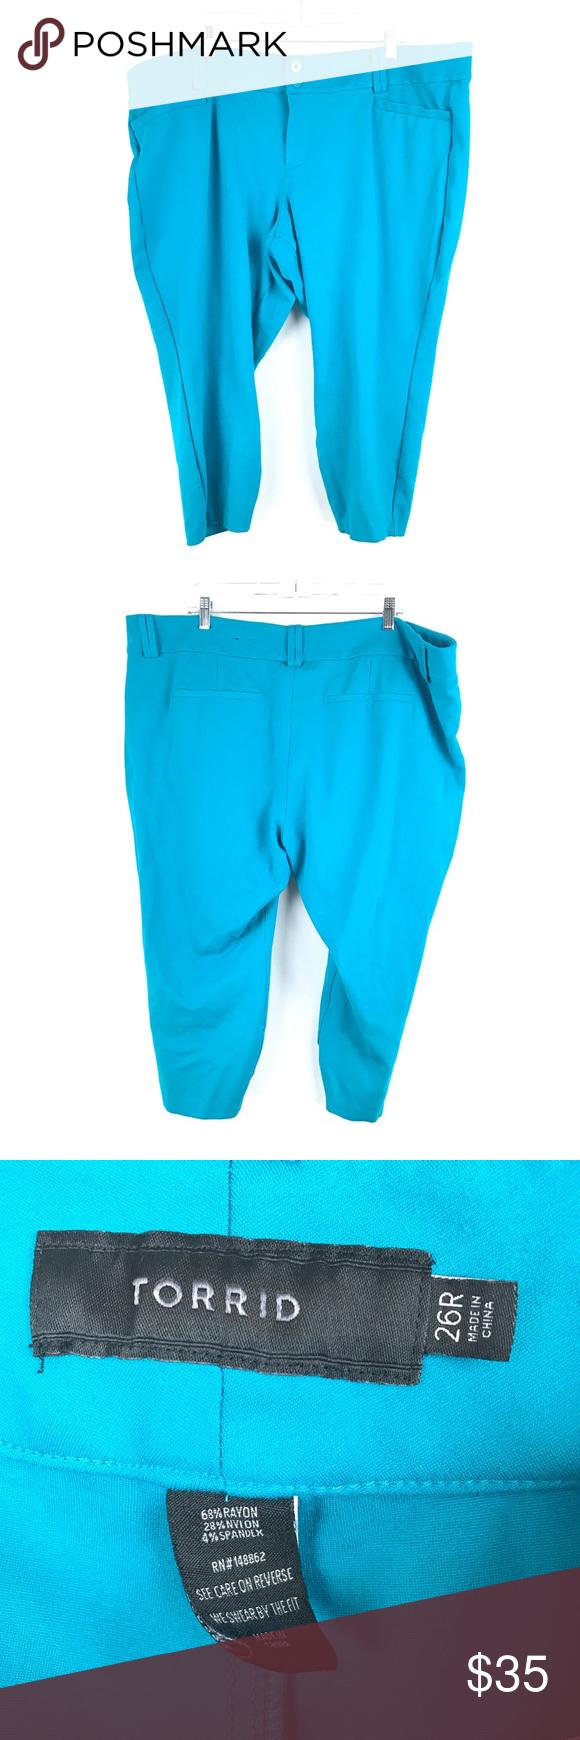 fe7a13ff13d25 Torrid Sz 26 Turquoise Ponte Knit Crop Pants Torrid Women s Plus Size 26 R  Crop Pants